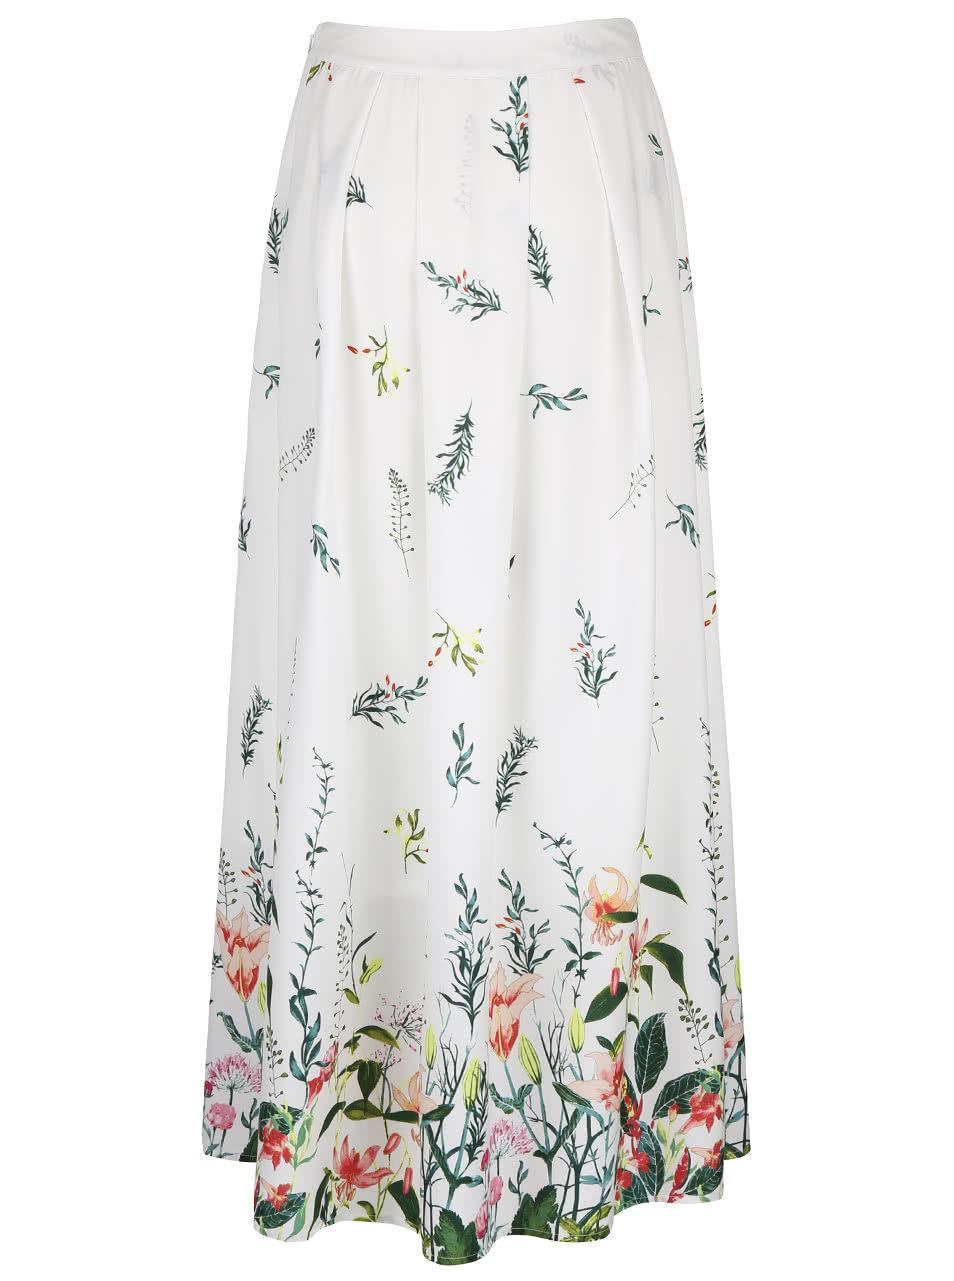 4b5259f7efa1 Krémová dlhá sukňa s kvetinovou potlačou VERO MODA Oni ...